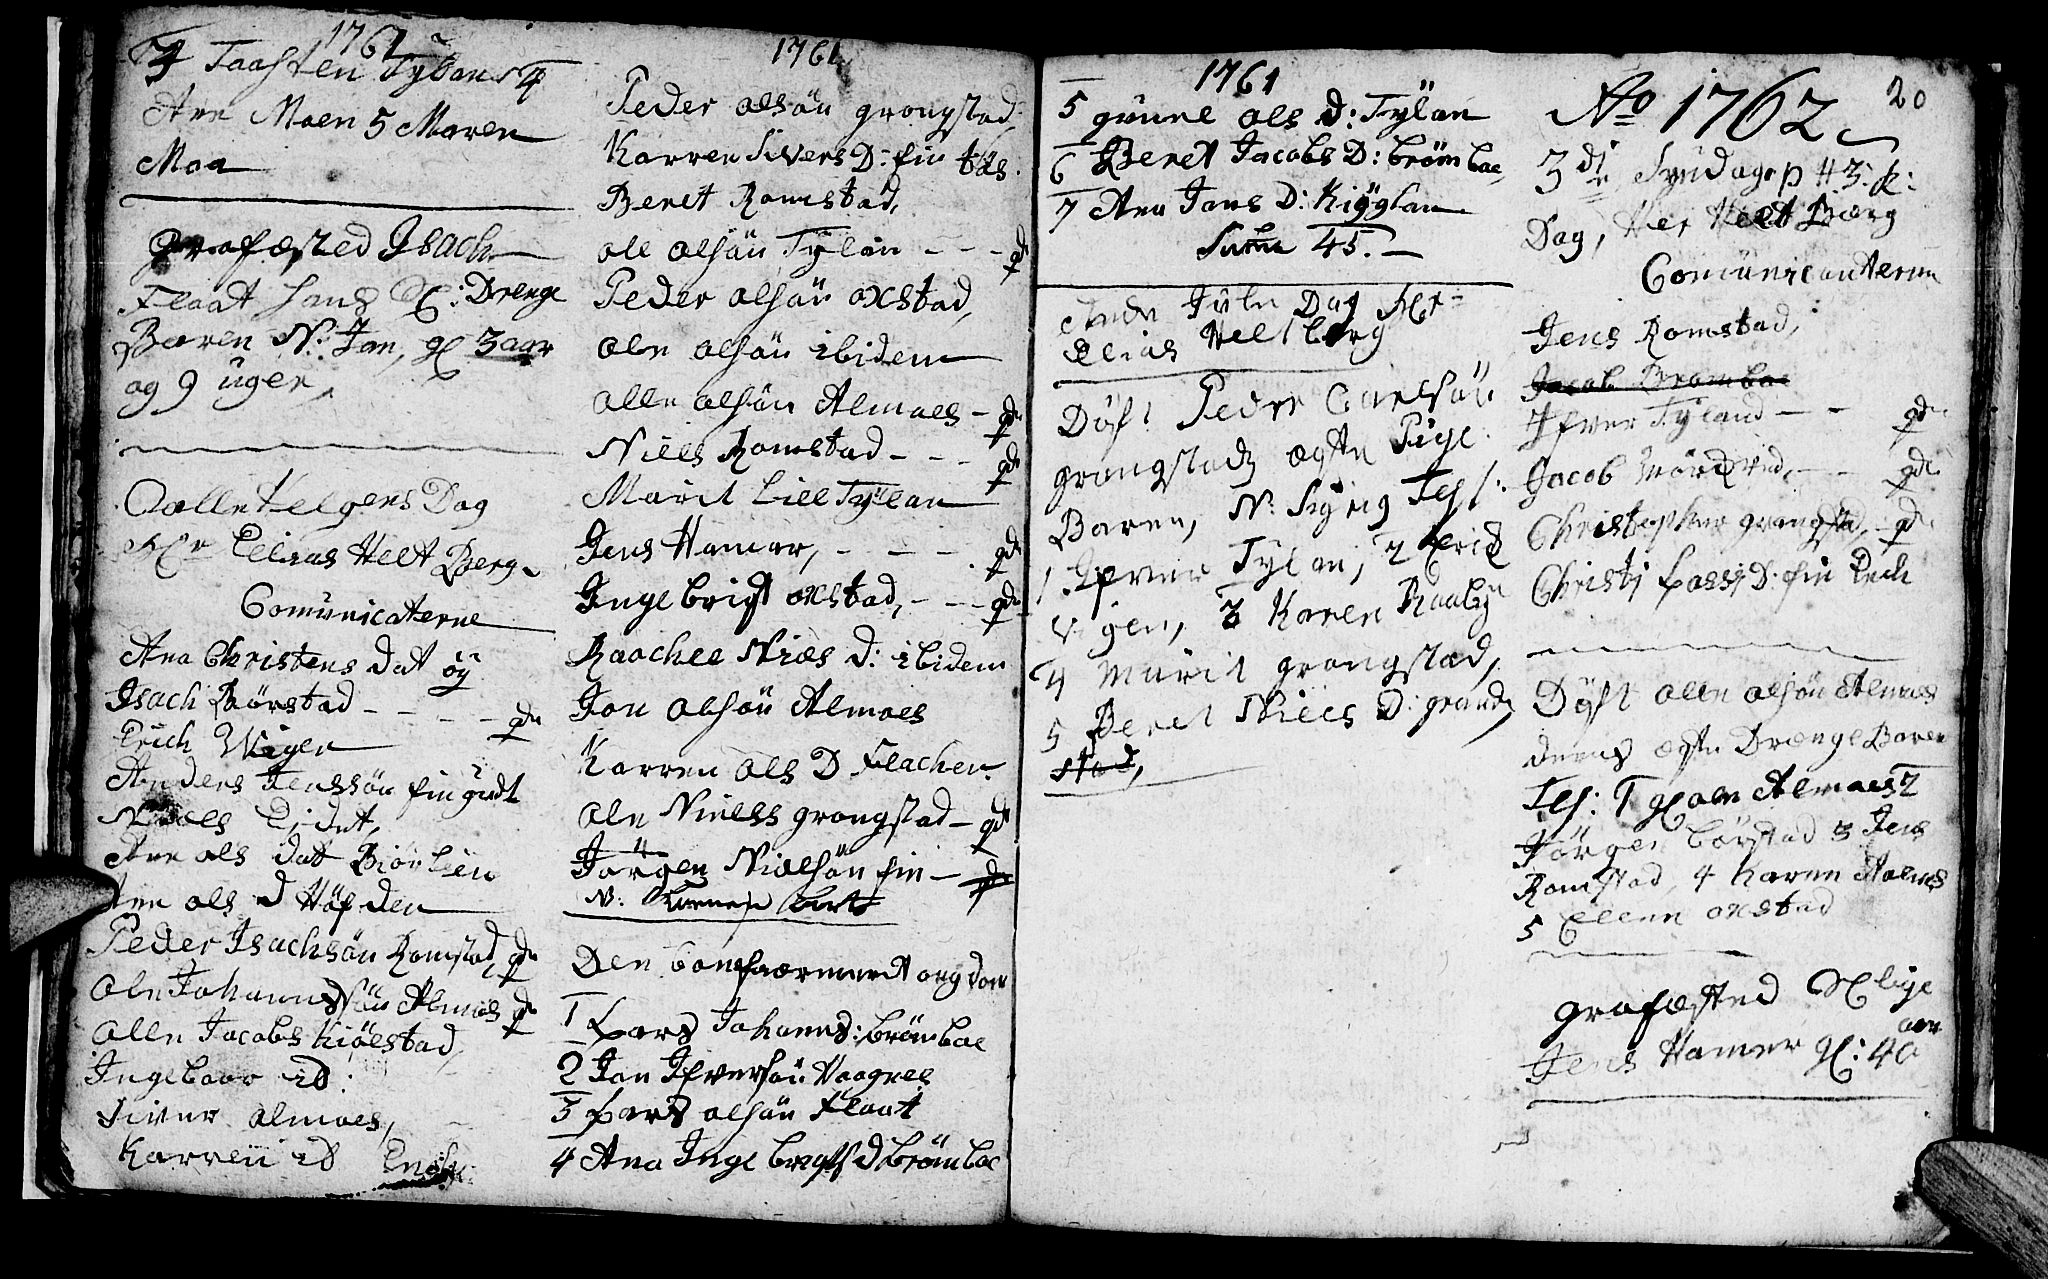 SAT, Ministerialprotokoller, klokkerbøker og fødselsregistre - Nord-Trøndelag, 765/L0561: Ministerialbok nr. 765A02, 1758-1765, s. 20